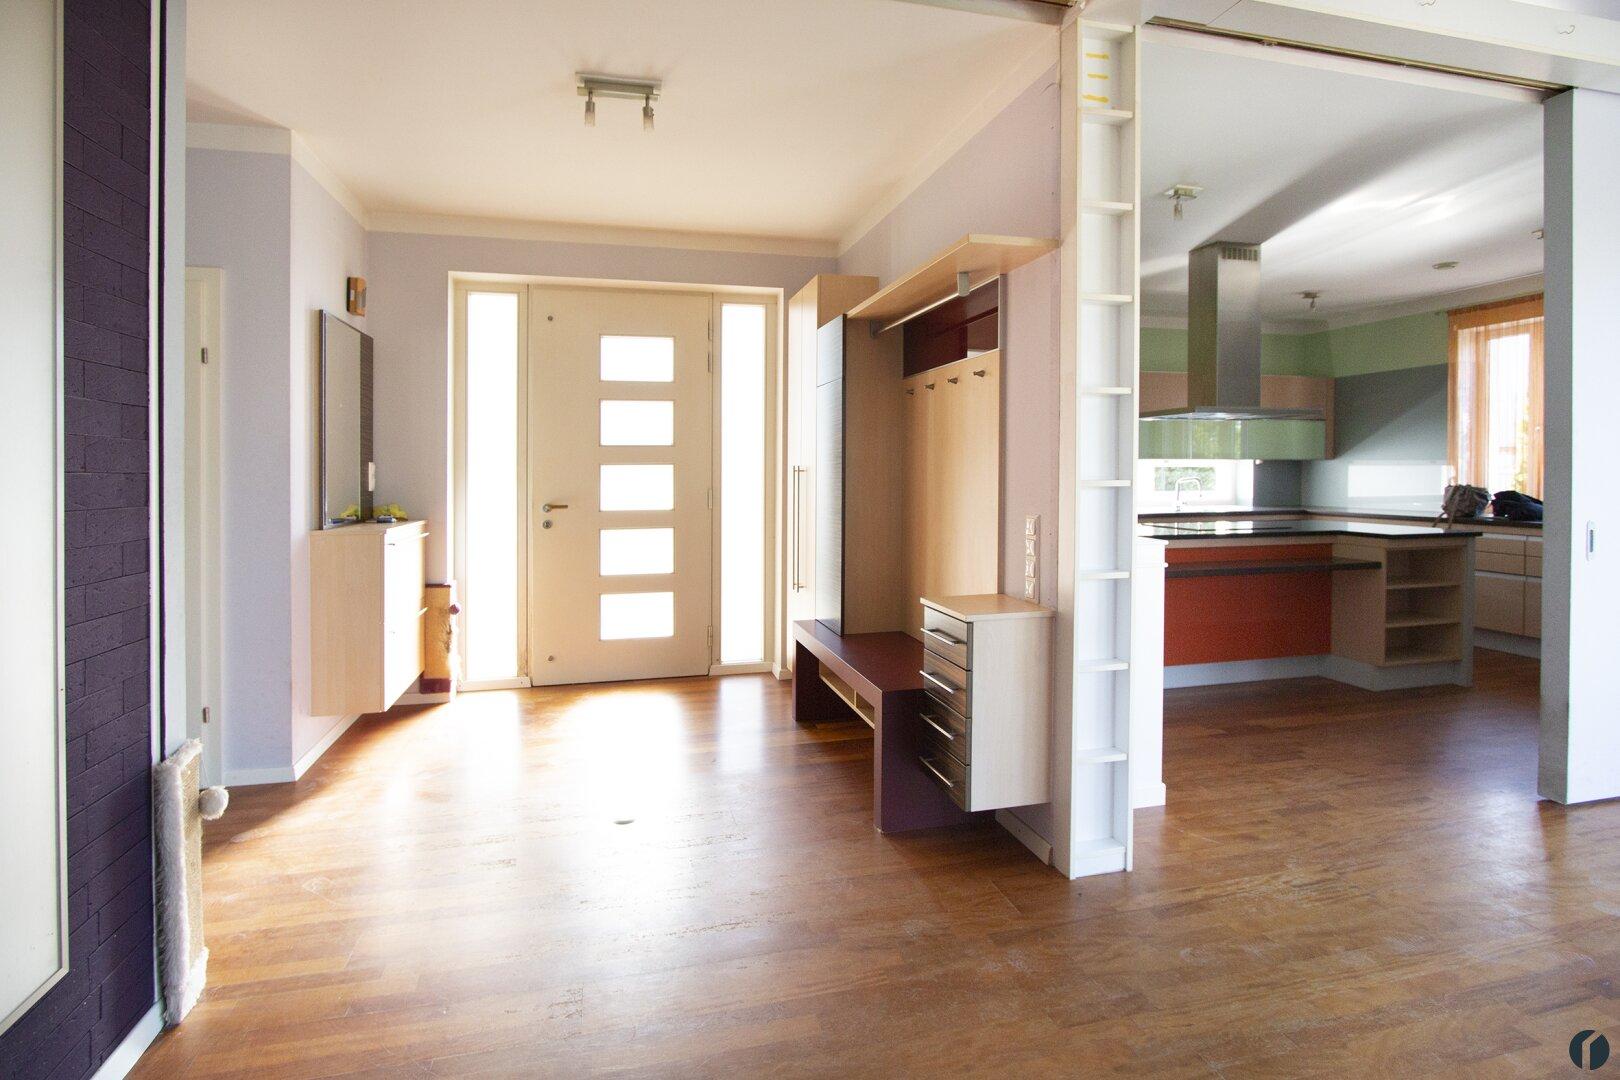 Blick zum Eingangsbereich mit offenen Schiebewänden